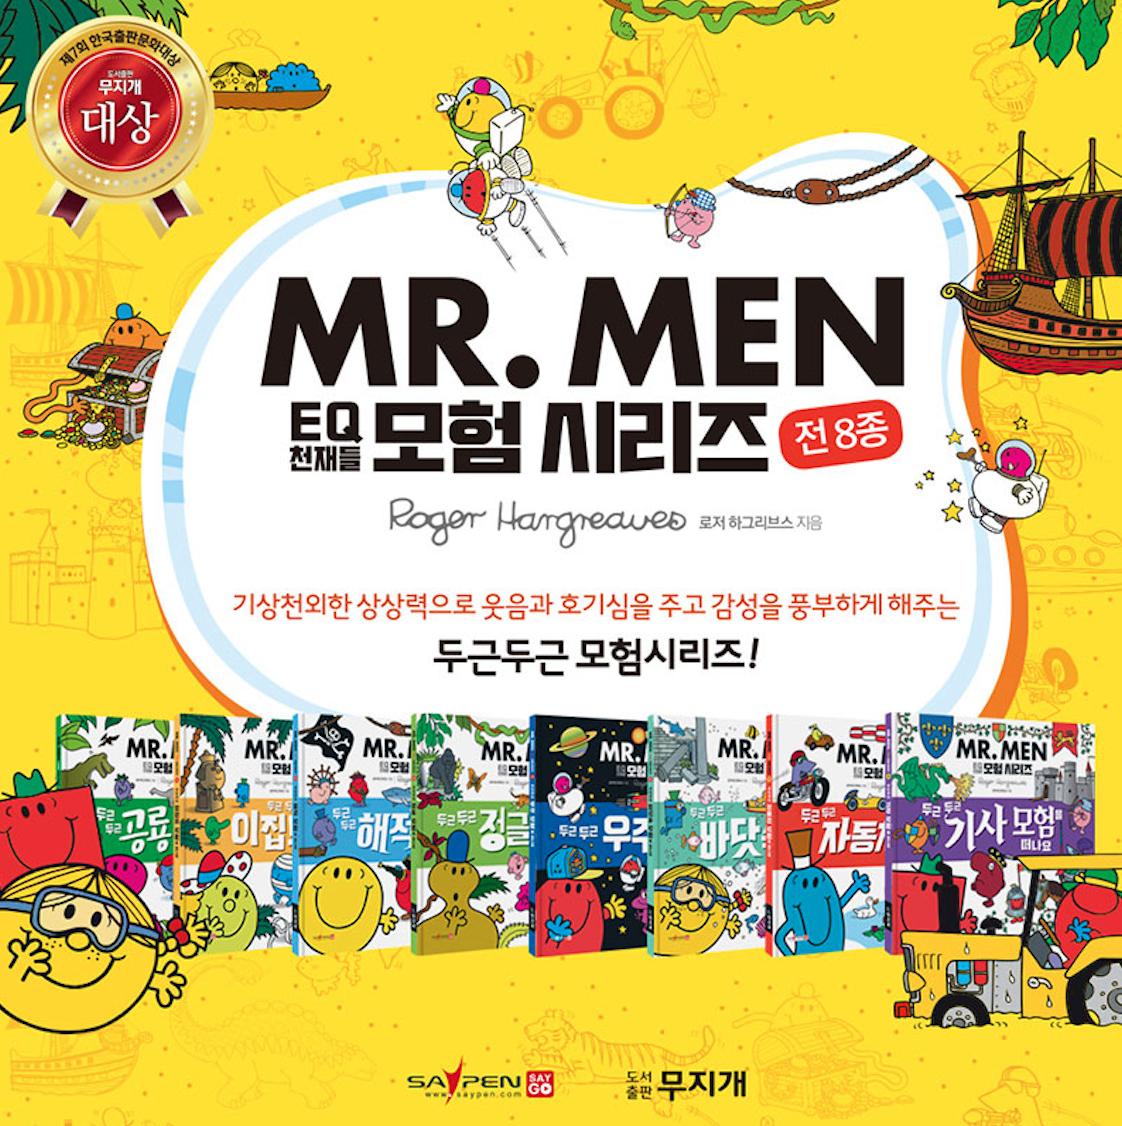 MR.MEN EQ 천재들 모험 시리즈 (전8권) – 세이펜 호환